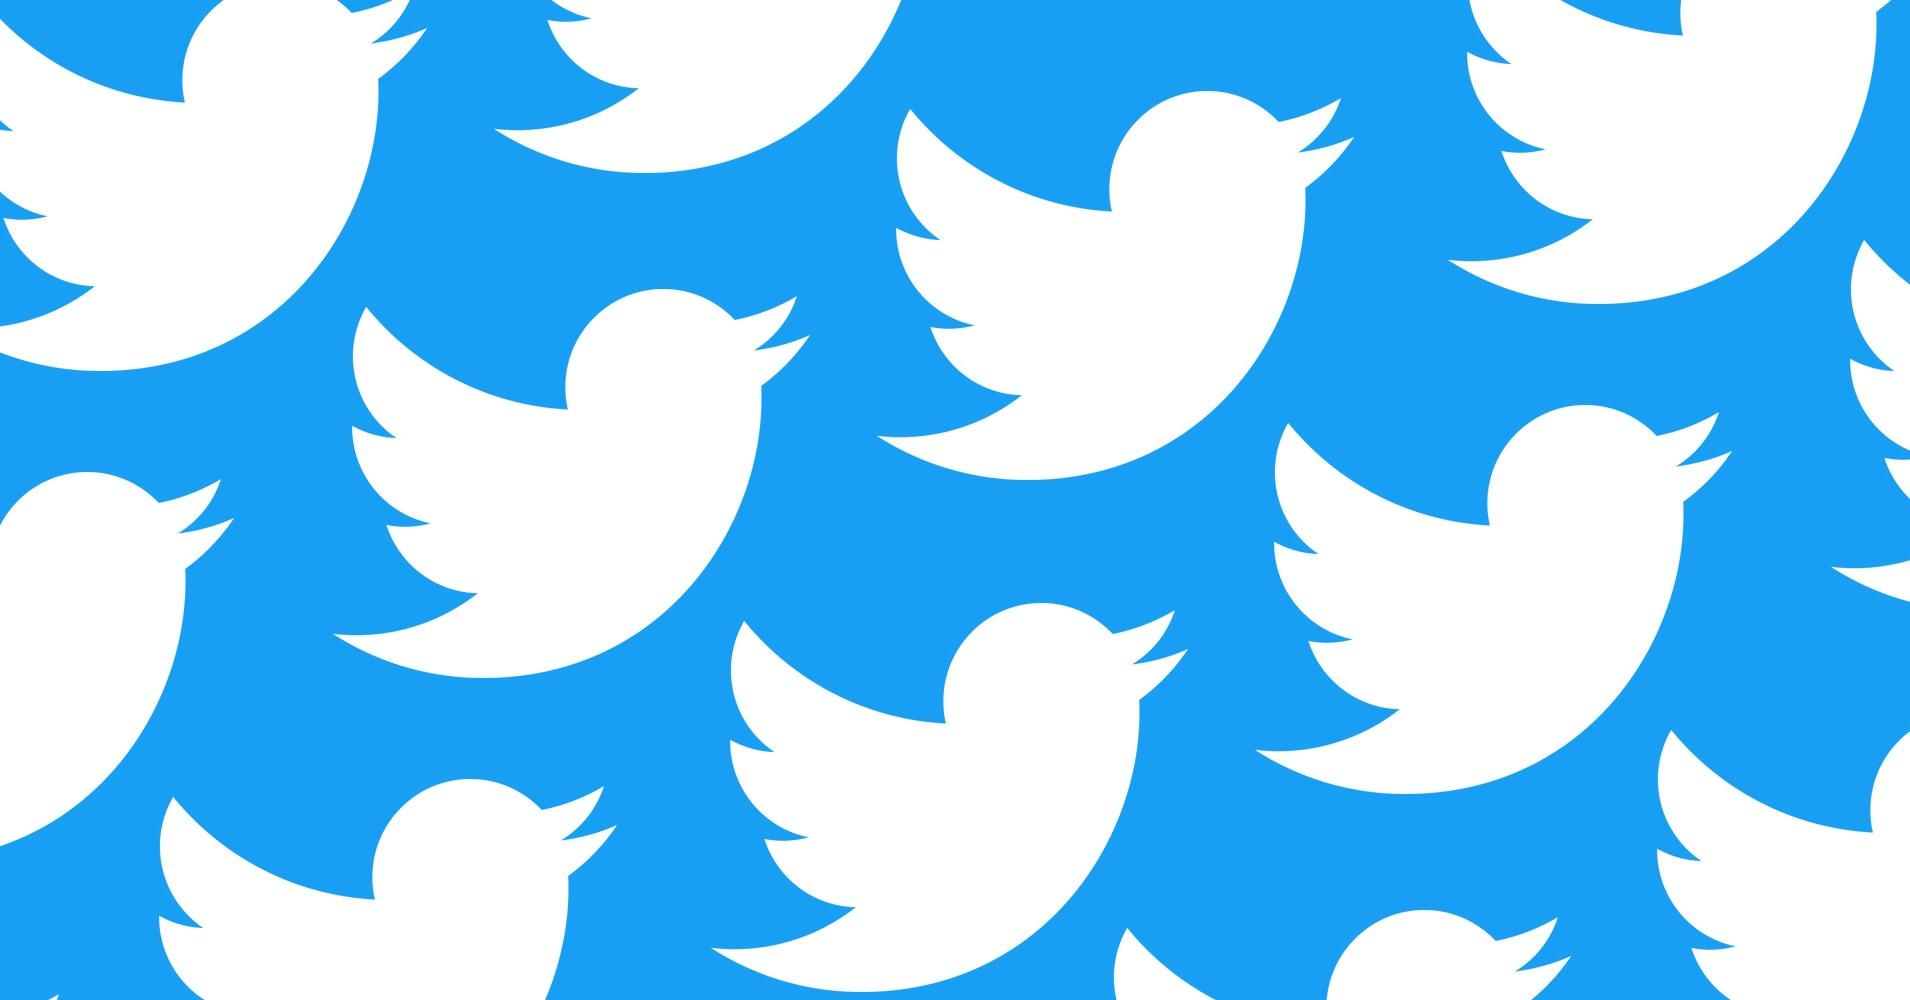 Twitter позволяют подписаться на ответы интересующего нас твита